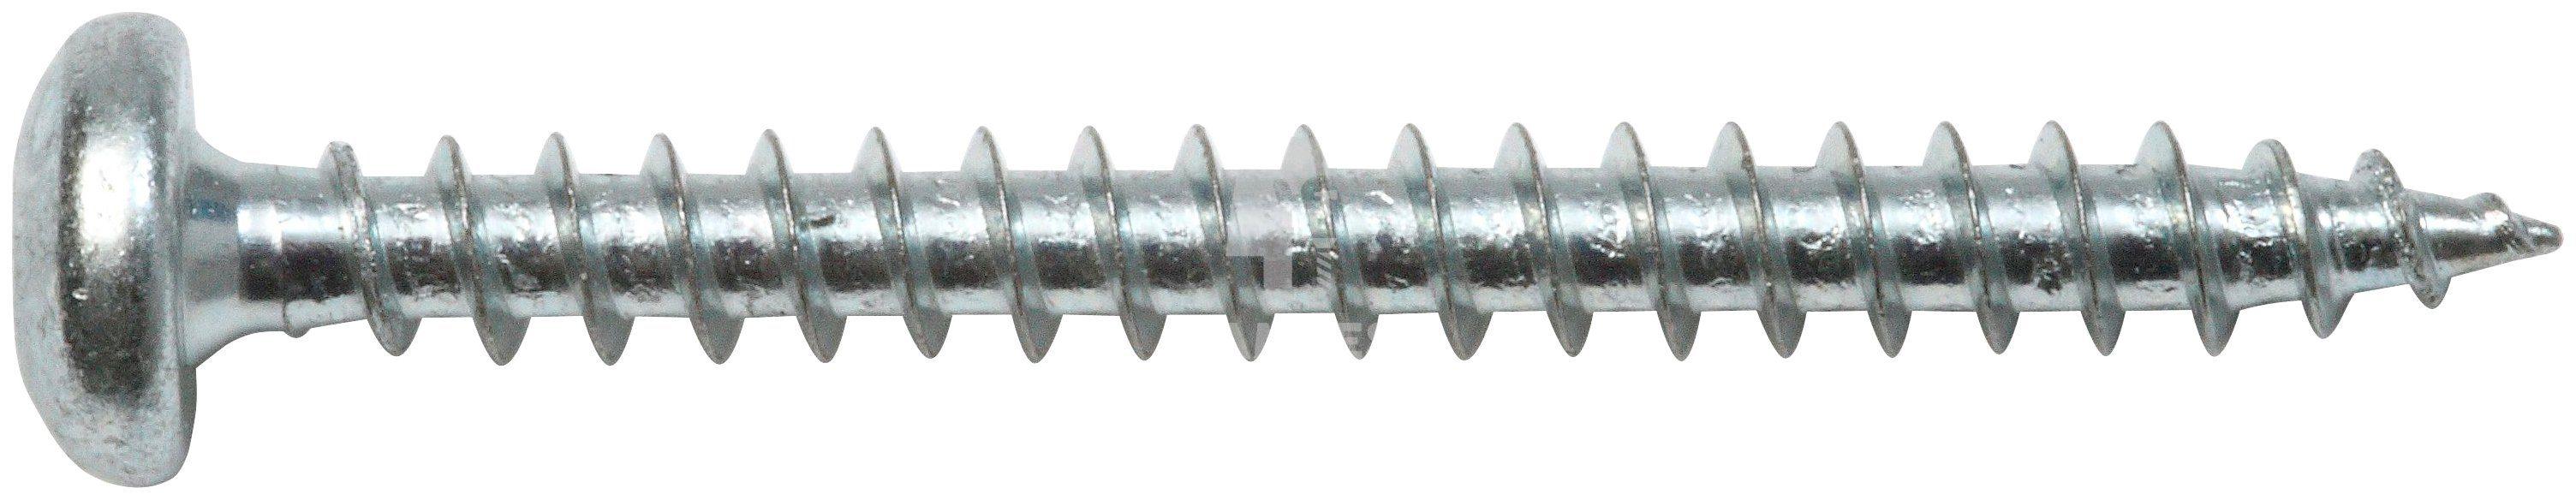 RAMSES Schrauben , Spanplattenschraube 4 x 50 mm 200 Stk.